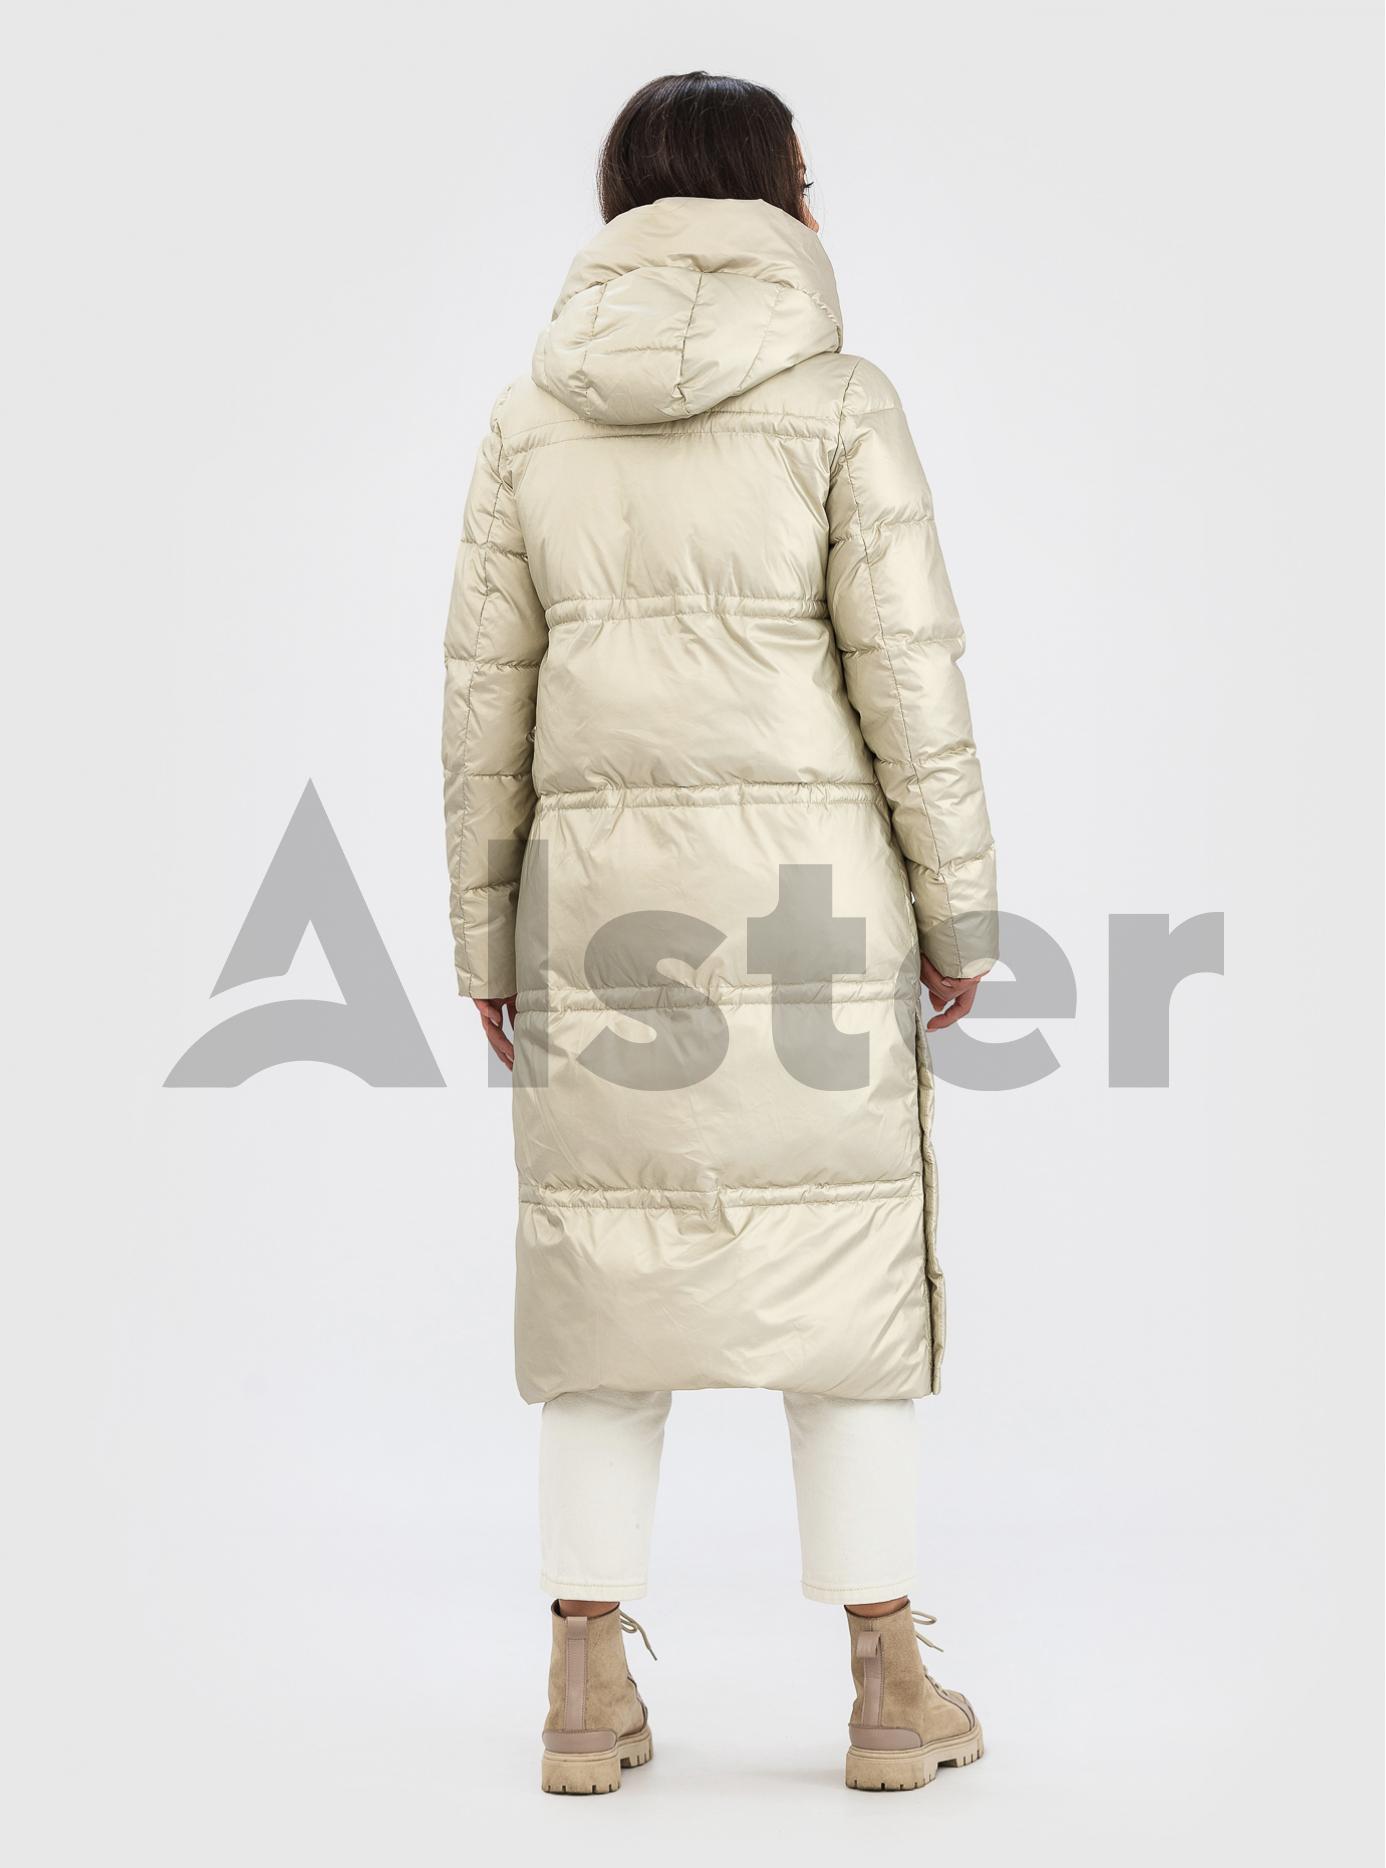 Довга жіноча куртка ZLLY Бежевий M (ZL21543-07): фото - Alster.ua